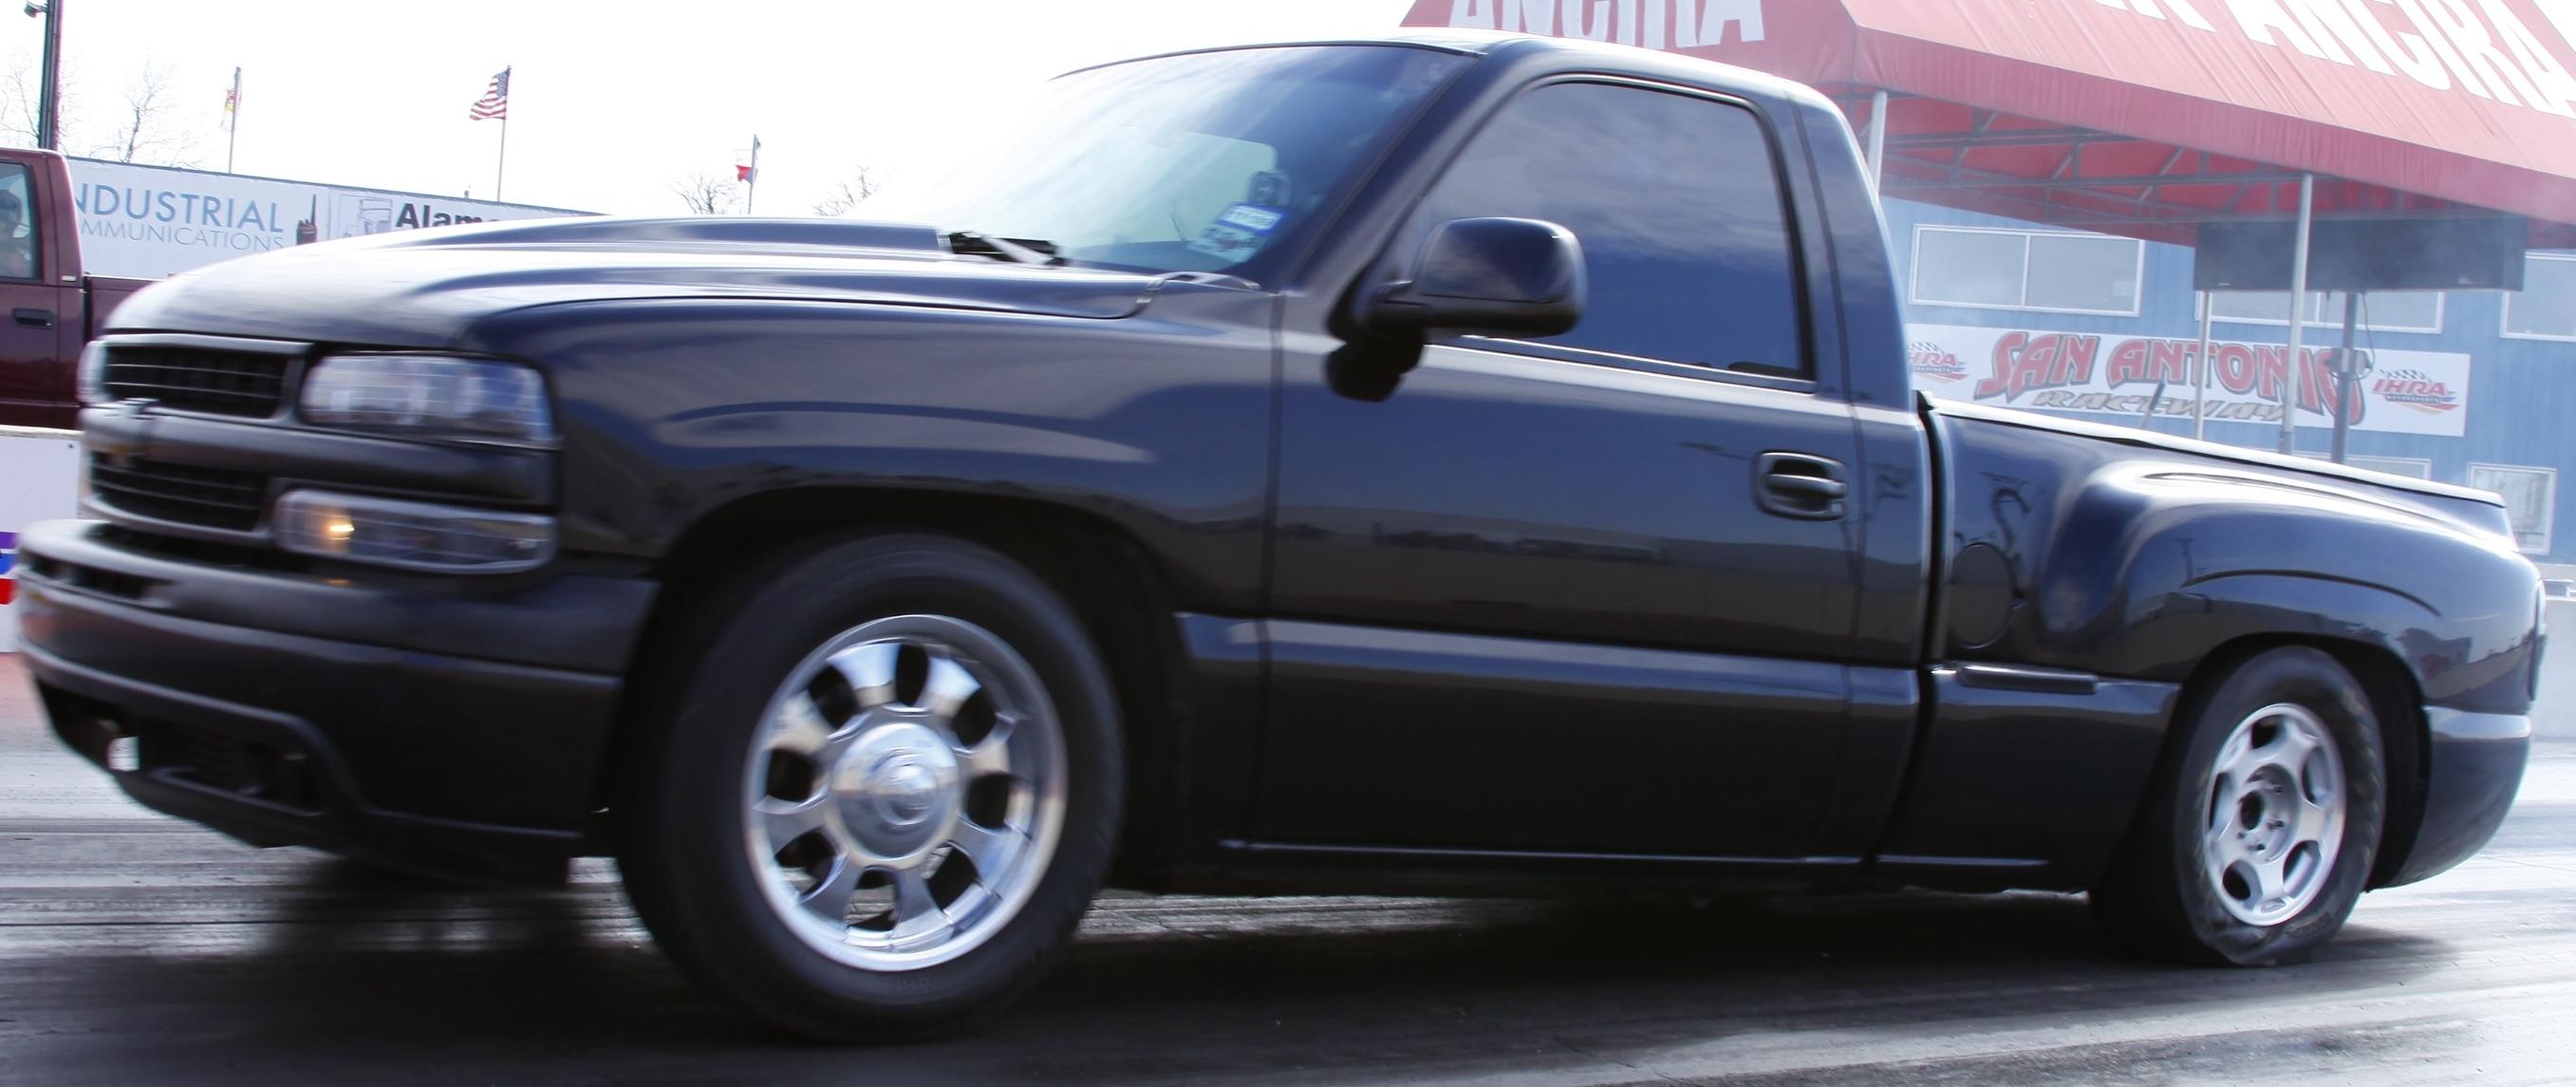 99-chevrolet-pickup.jpg